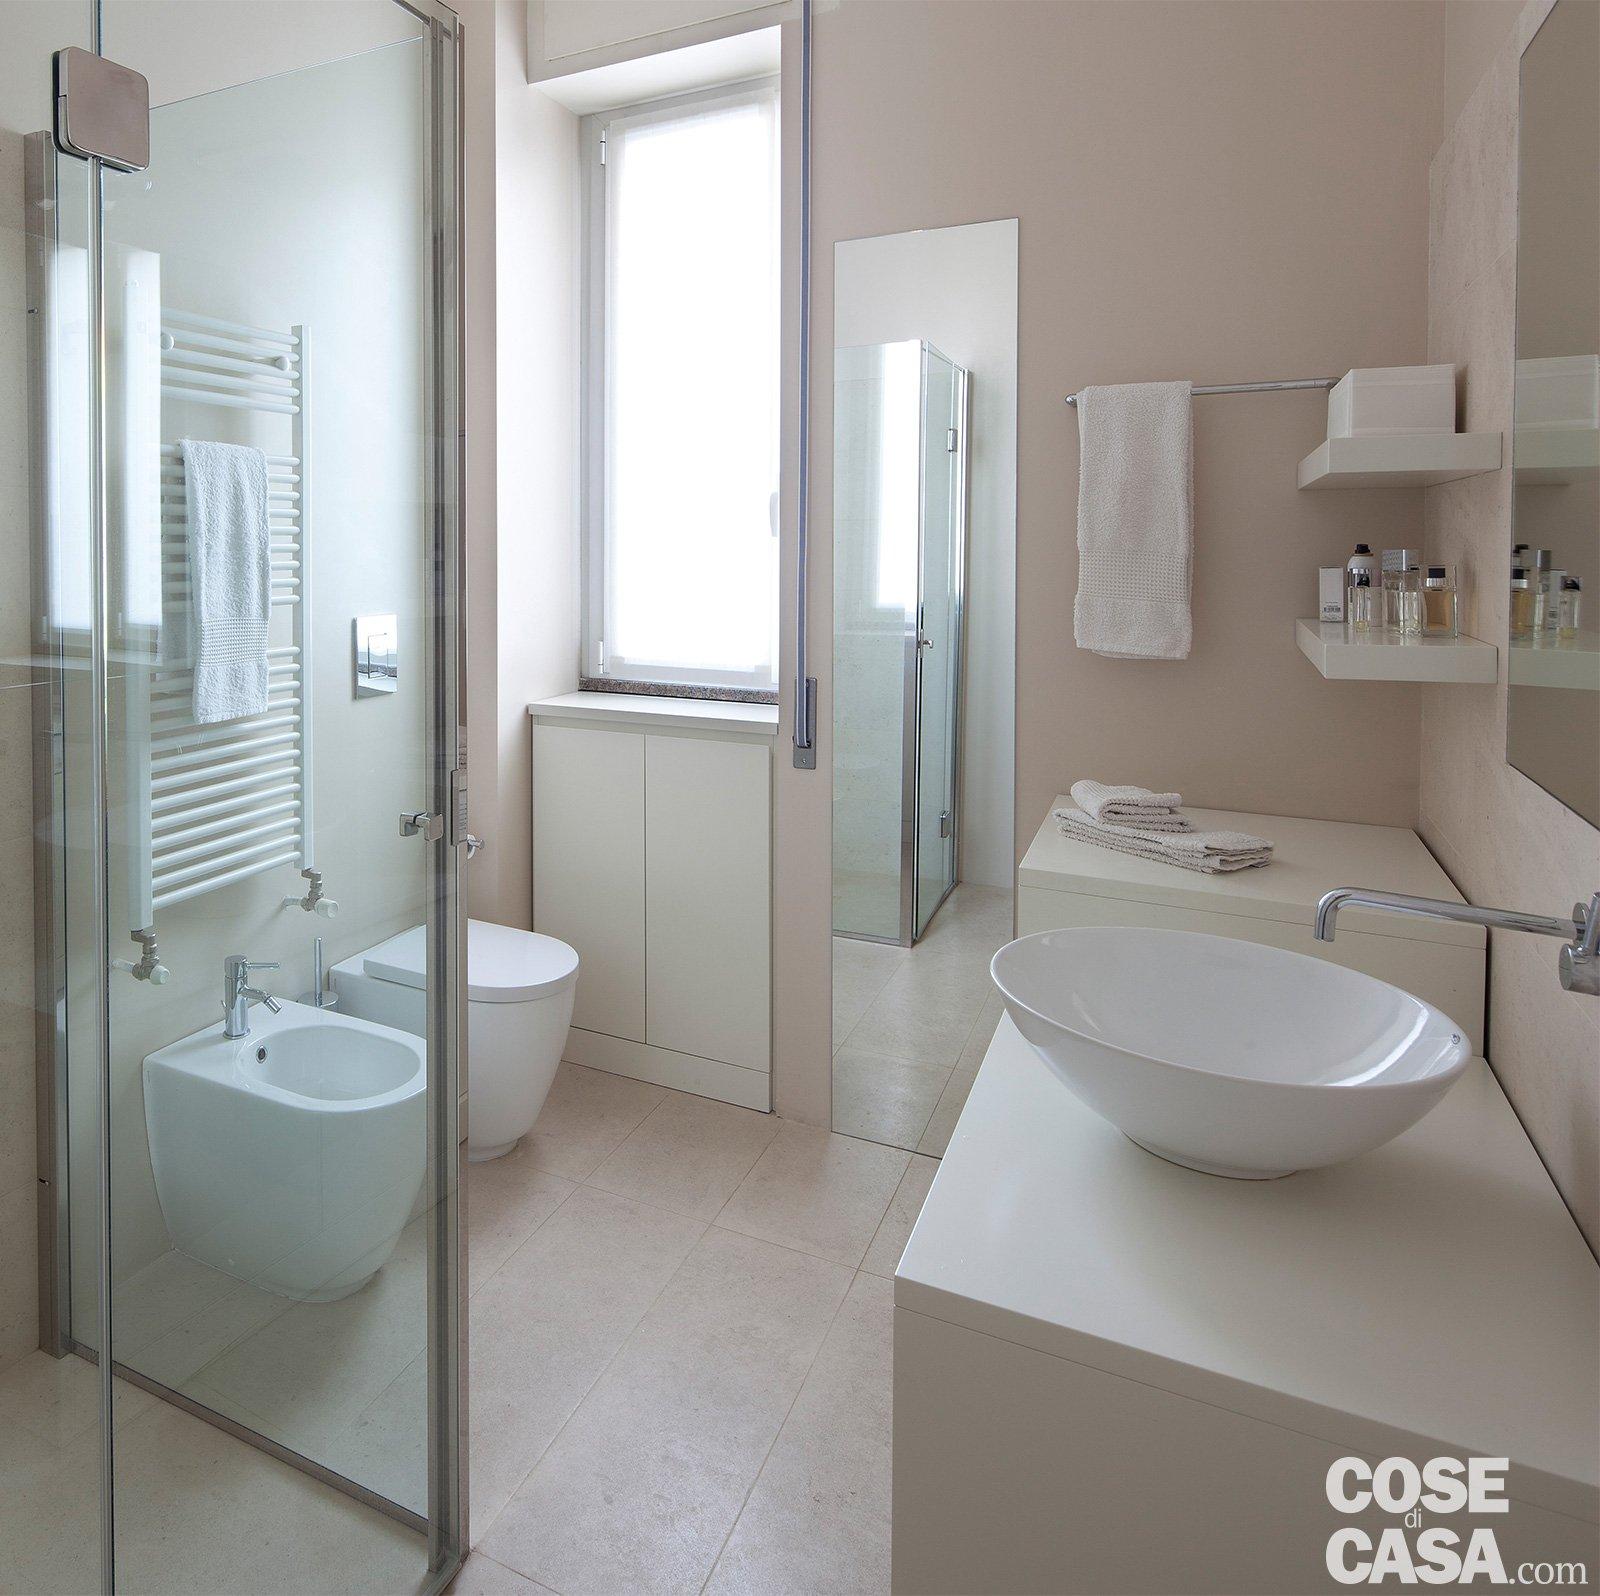 120 mq con un funzionale doppio corridoio e due stanze - Costo specchio al mq ...